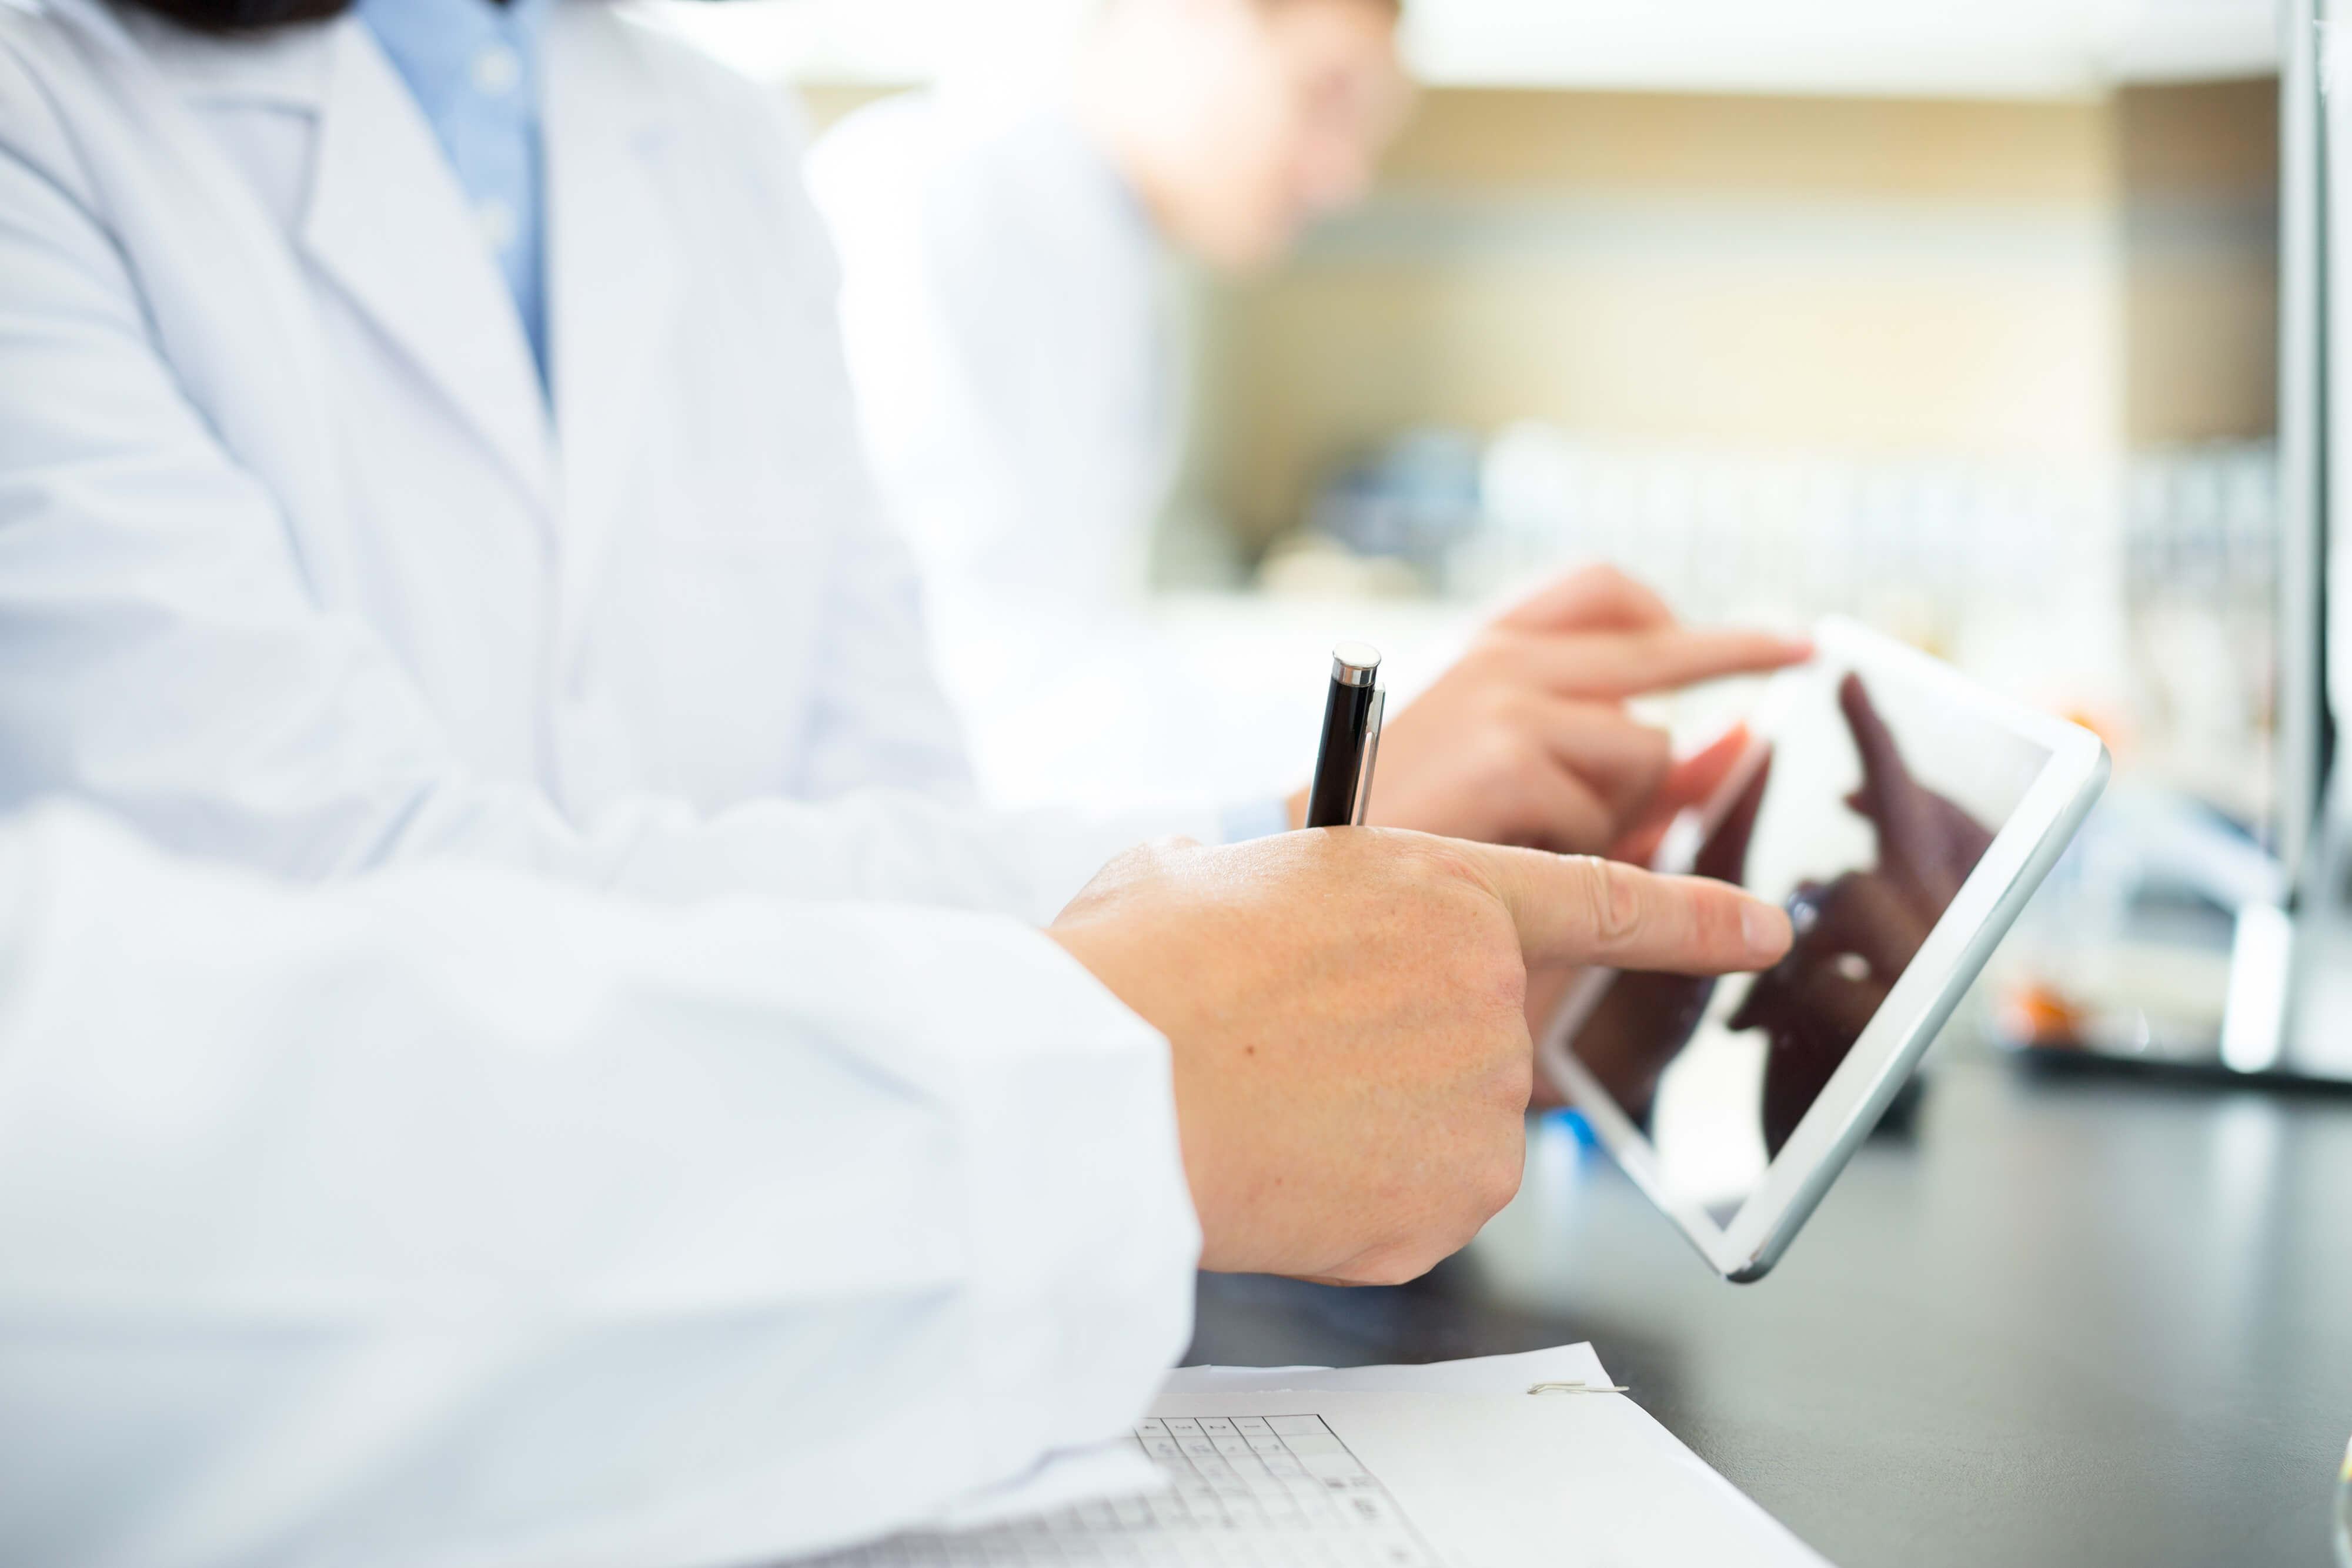 子宫肌瘤剔除后应如何预防宫腔粘连?